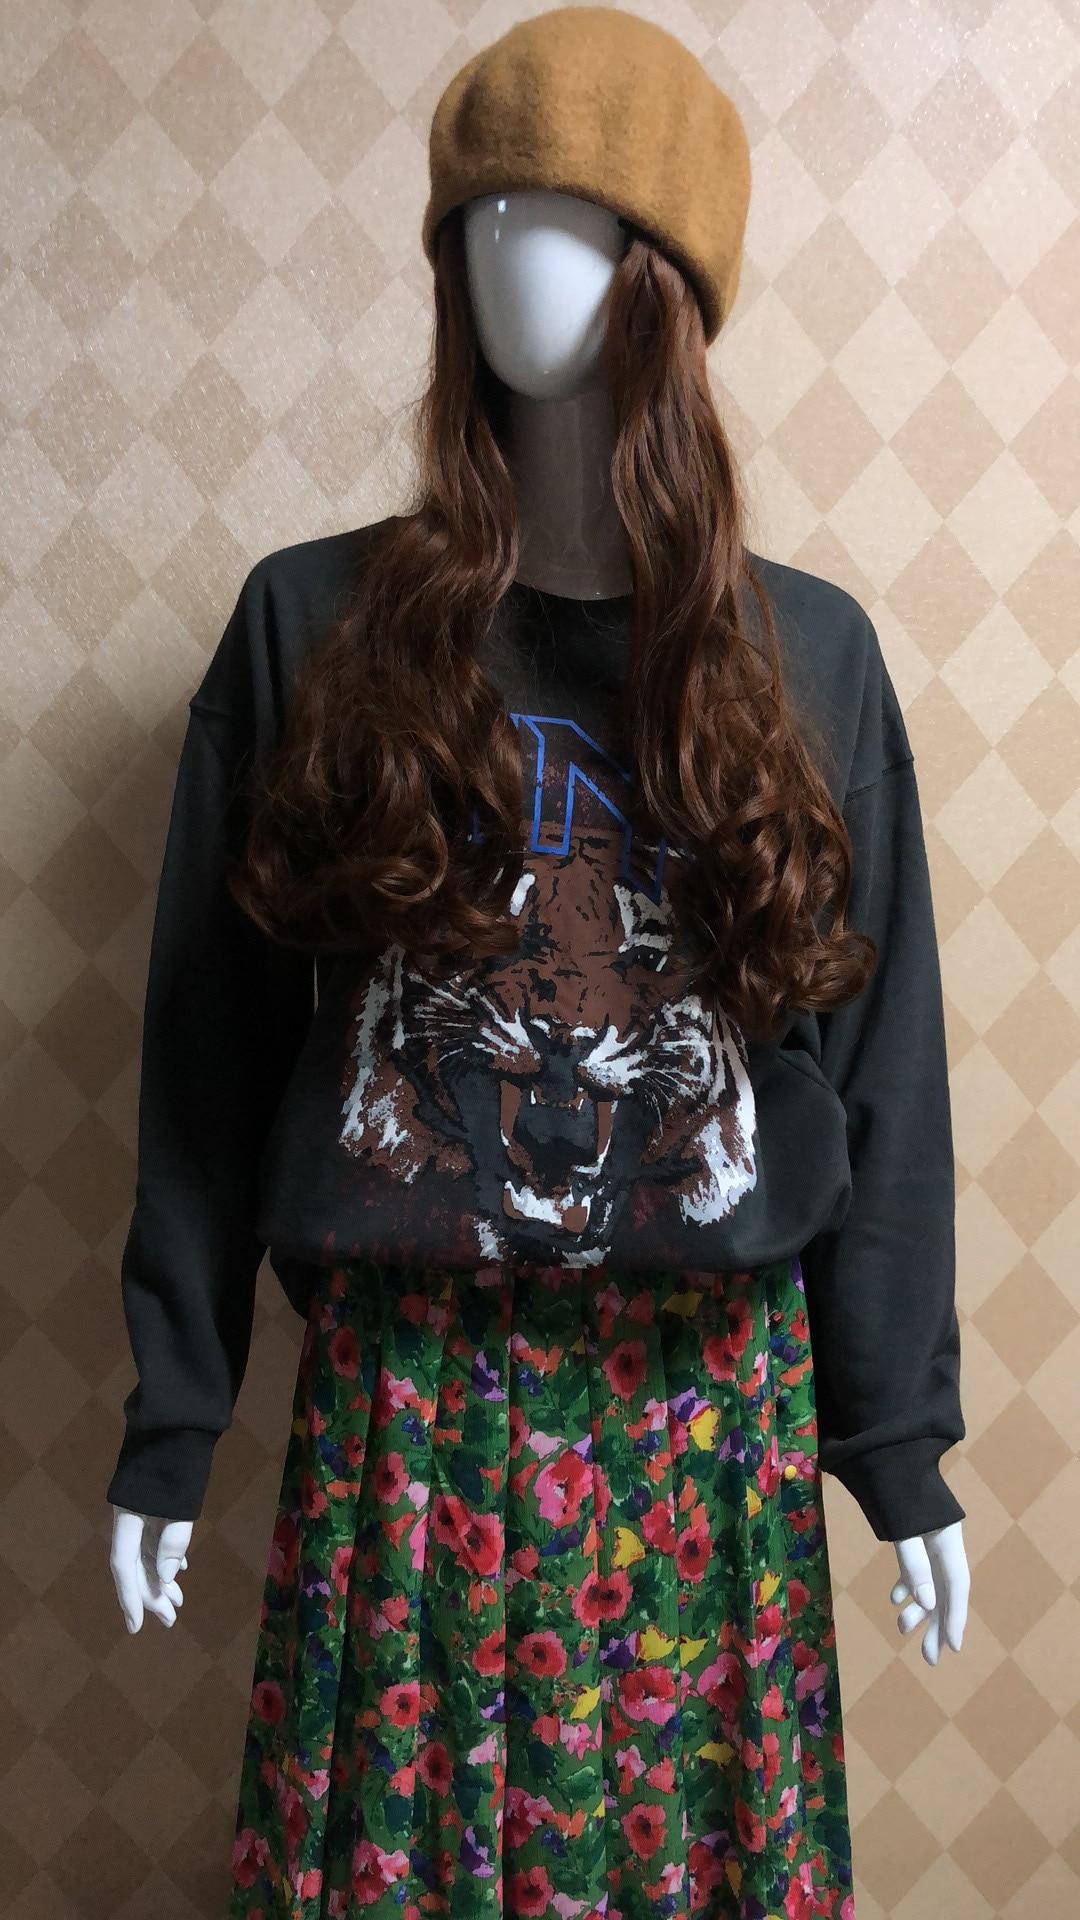 Pullover Sweatshirt Women's Hoodie Tiger-Head-Printed Long-Sleeved Round-Neck